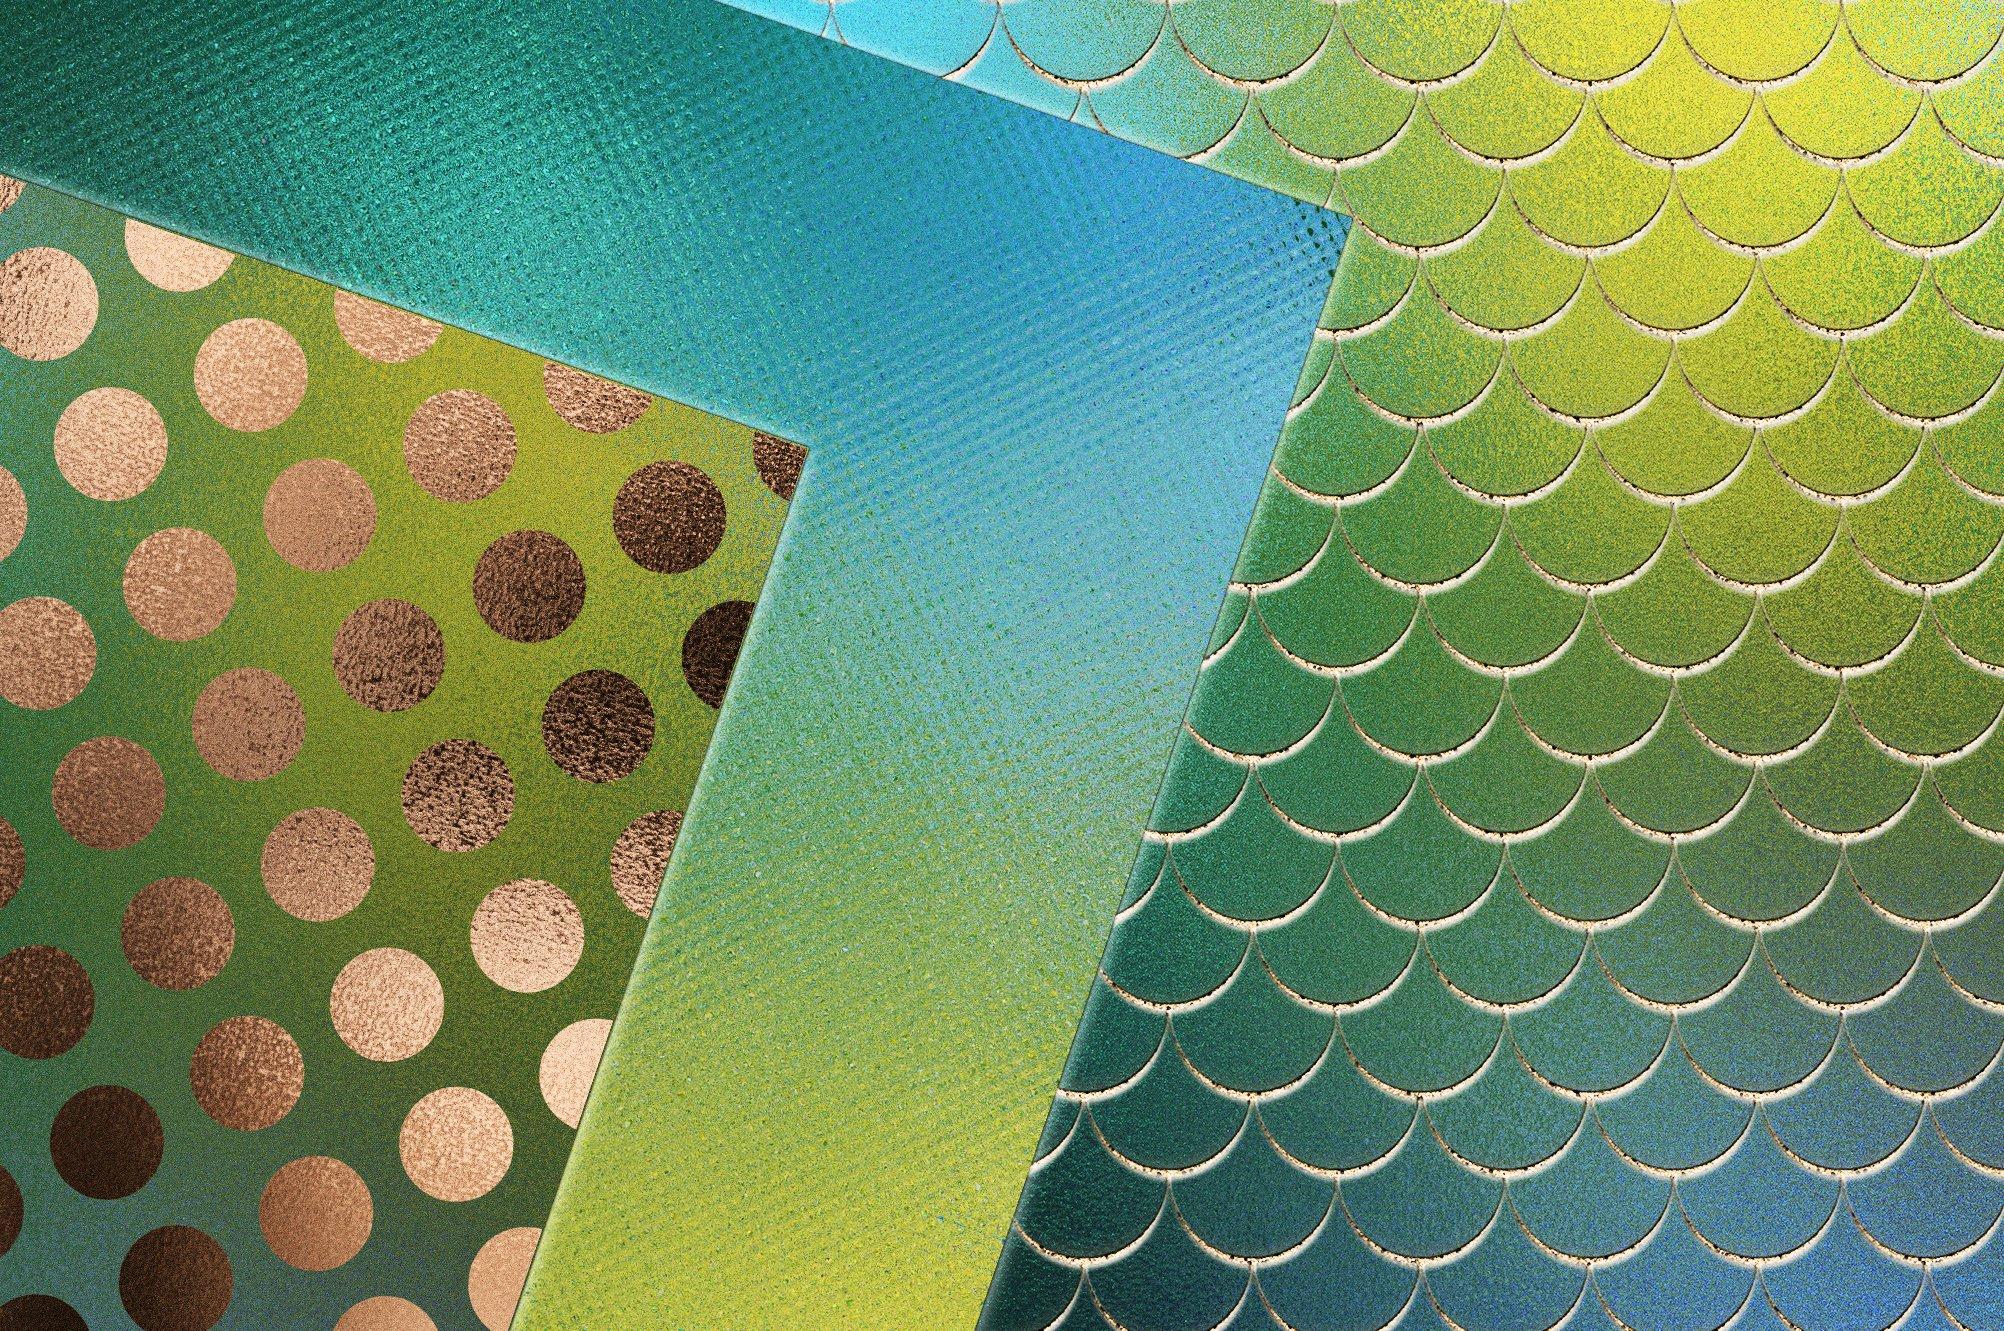 20款蓝绿色虹彩金箔纸纹理海报设计背景图片素材 Iridescent Gold Foil Textures插图1